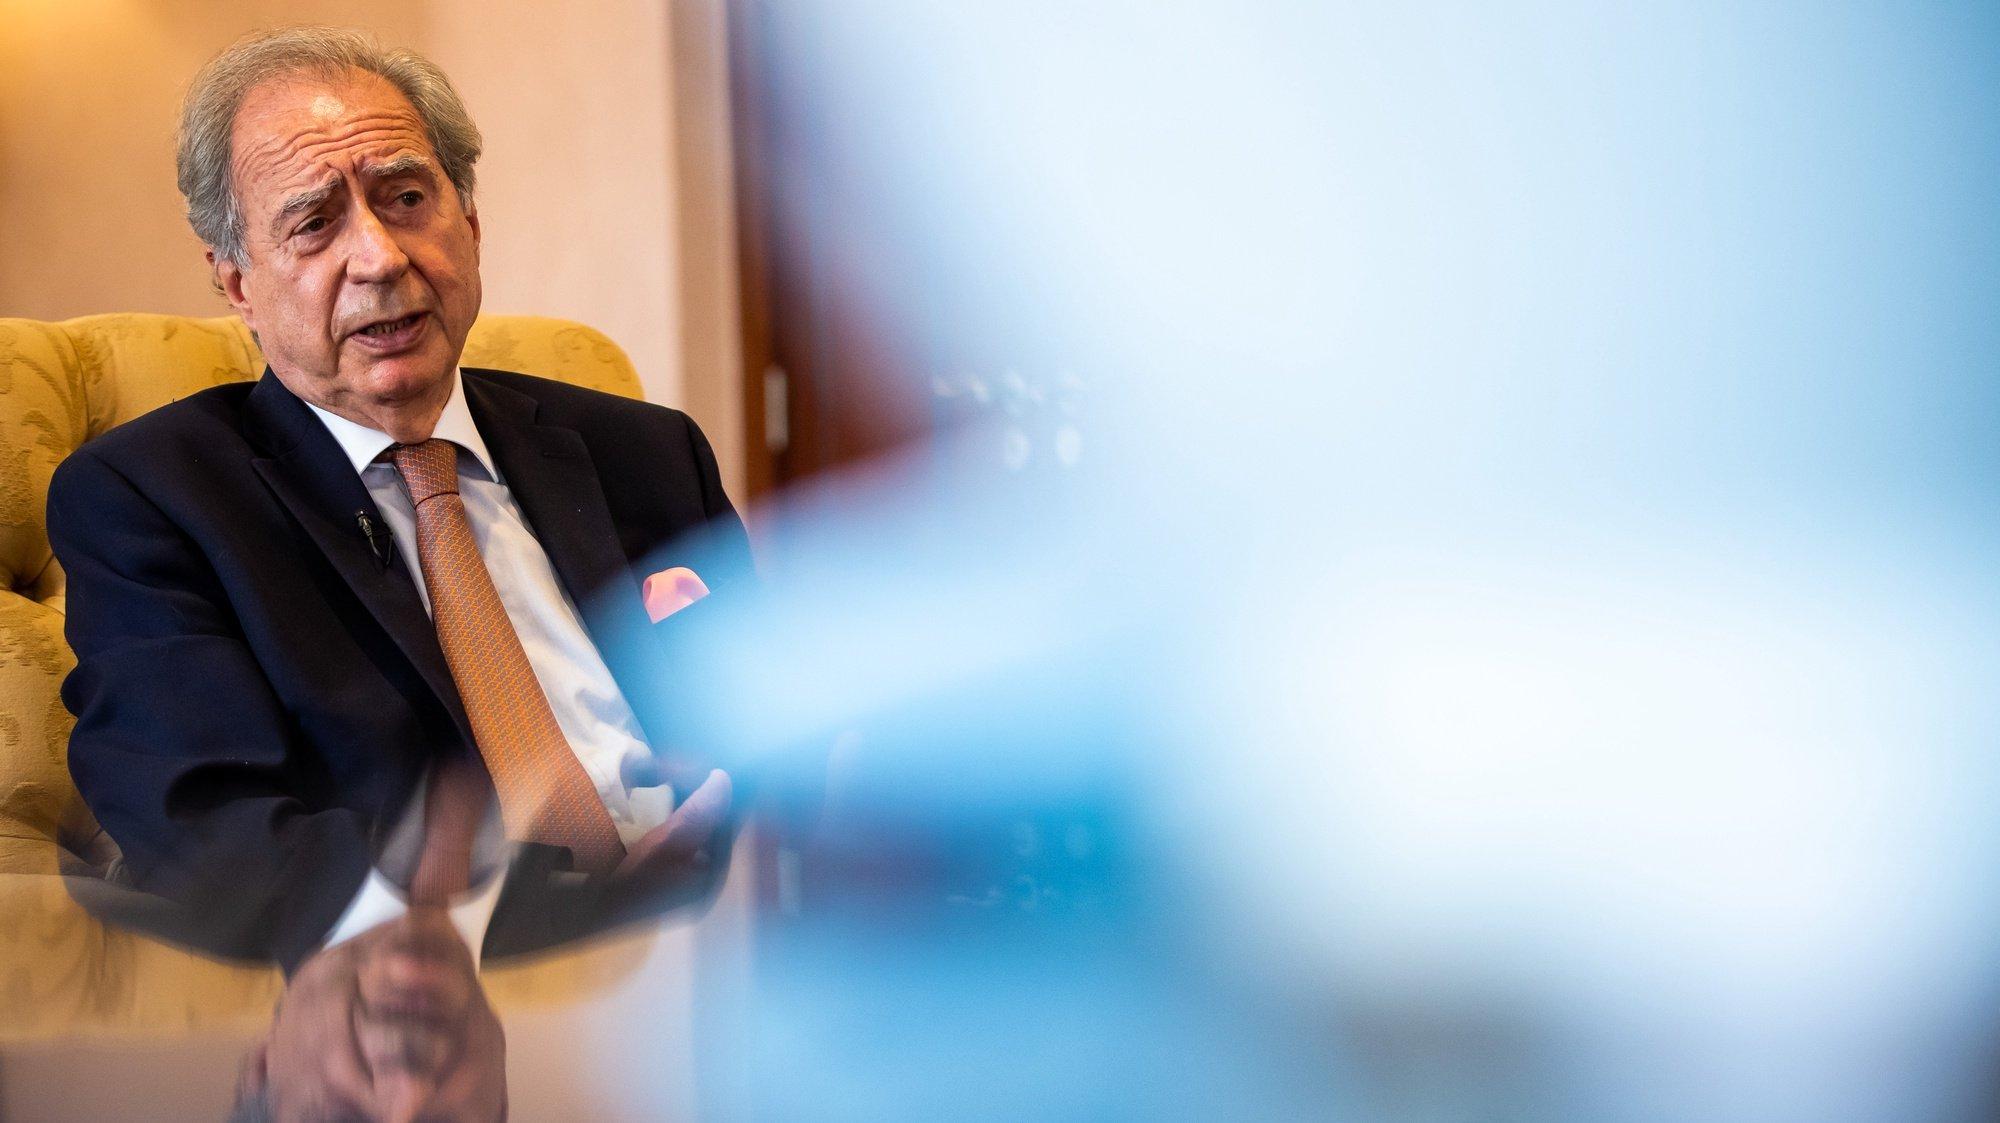 O presidente do Conselho de Administração da Fundação Millennium BCP, António Monteiro, em entrevista à Lusa sobre CPLP, na sede do Millenium BCP, em Lisboa, 25 de junho de 2021. (ACOMPANHA TEXTO DO DIA 13 JULHO 2021).  JOSE SENA GOULAO/LUSA